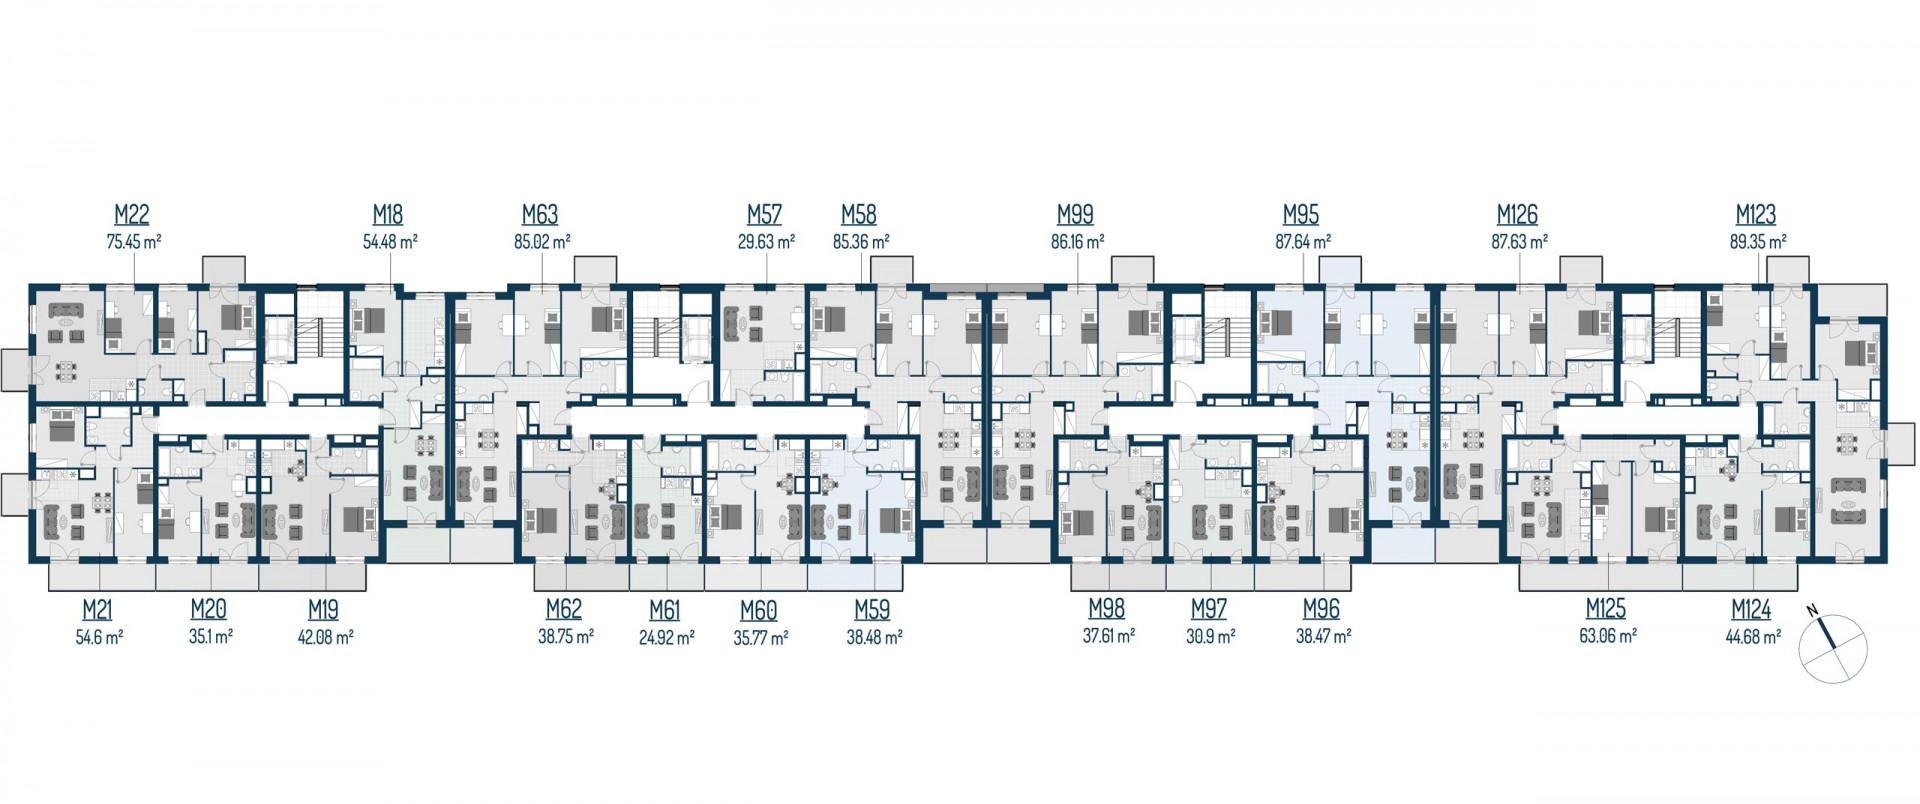 Zdrowe Stylove / budynek 2 / mieszkanie nr 123 rzut 2